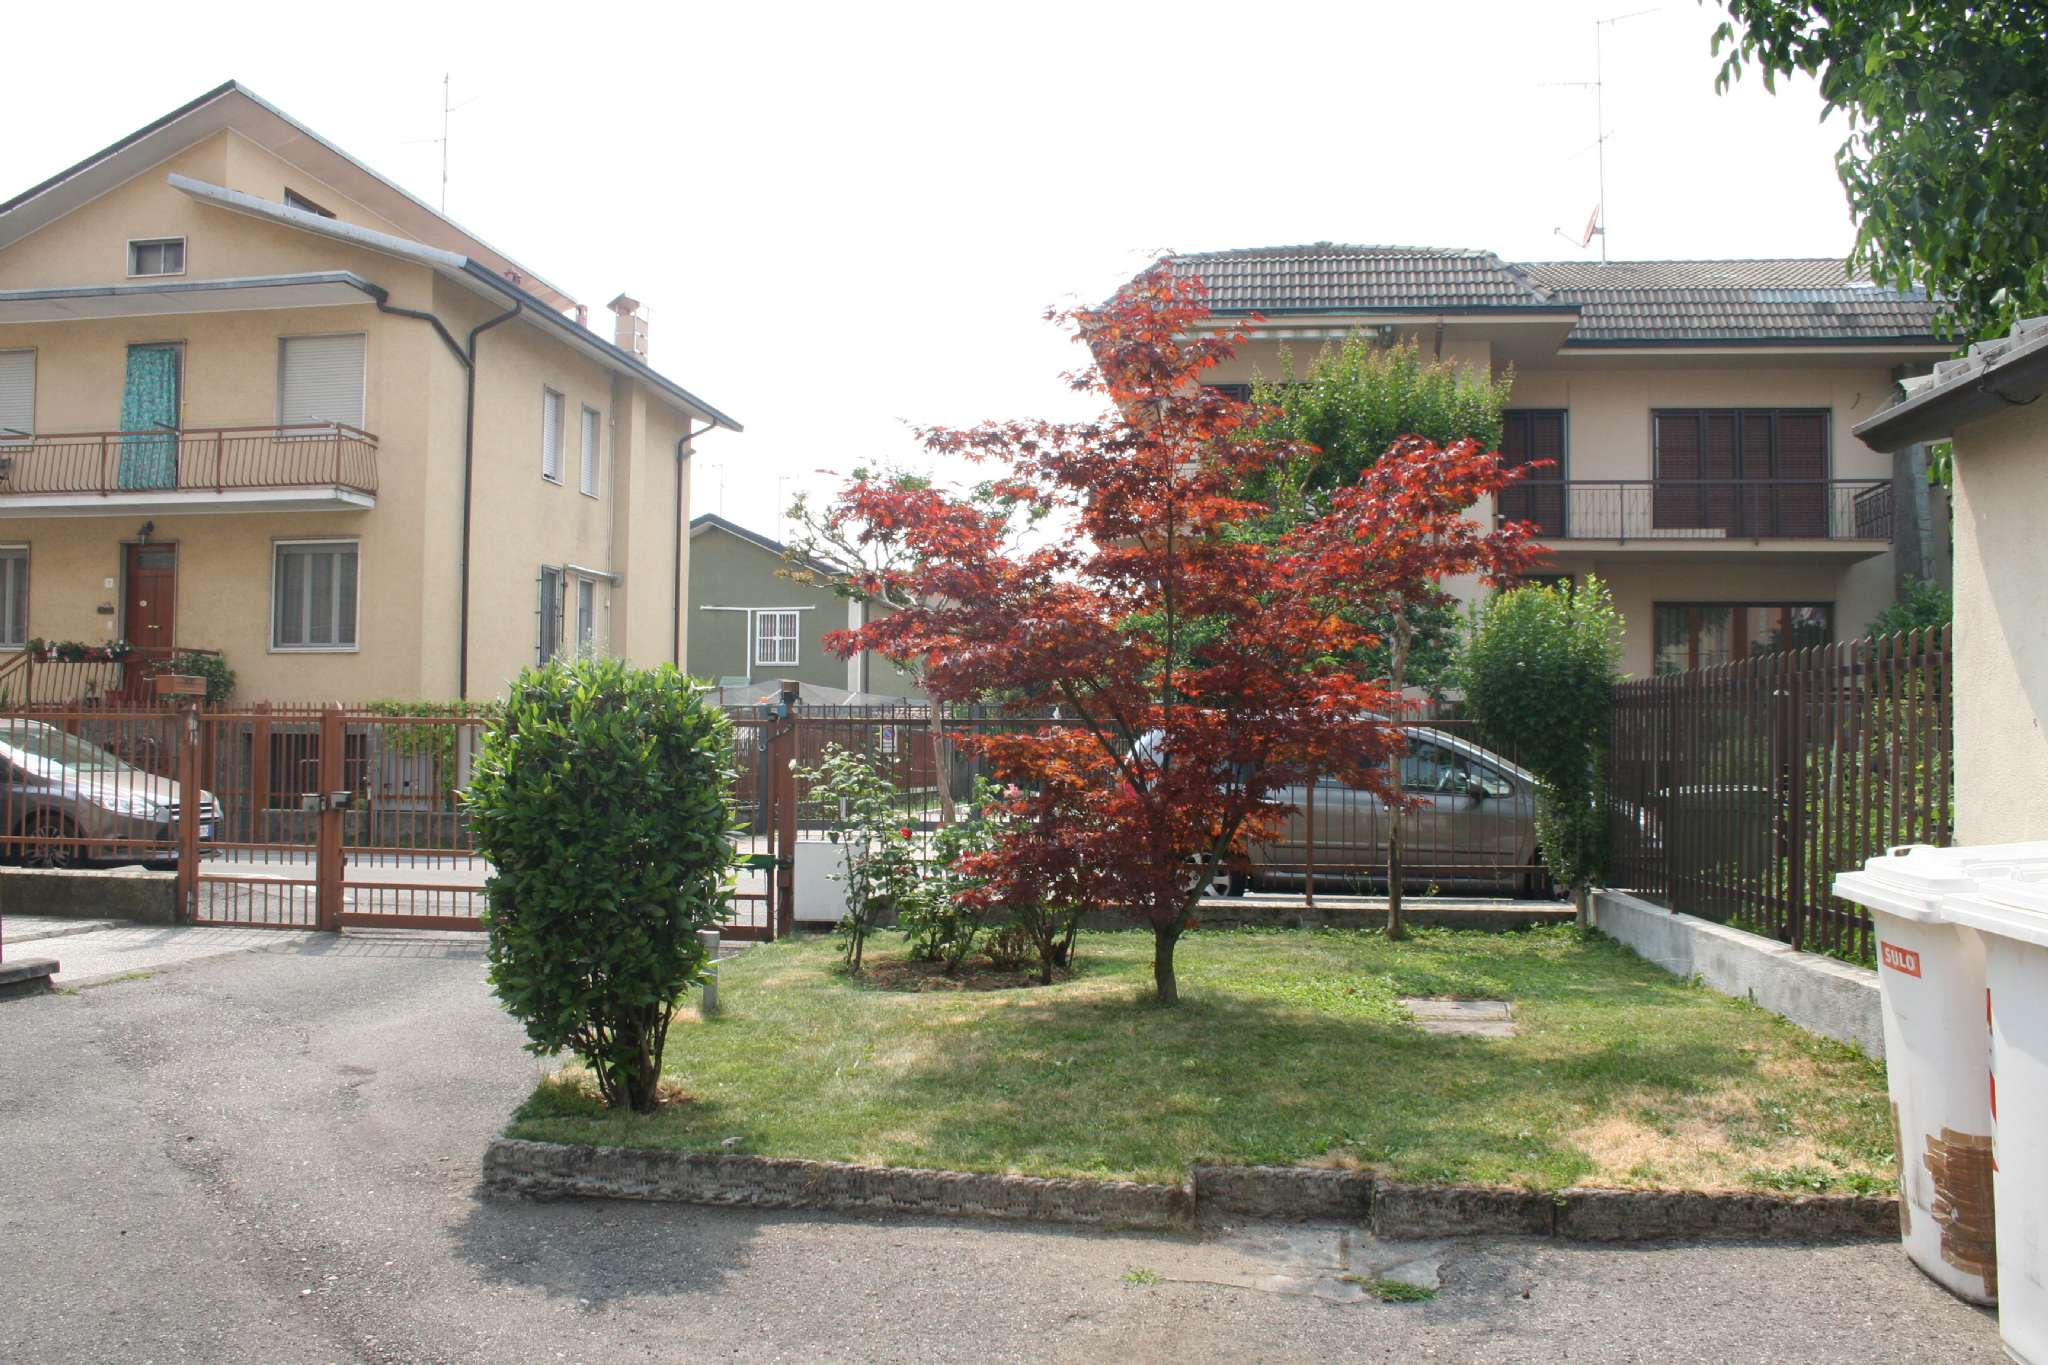 Cernusco sul Naviglio Cernusco sul Naviglio Vendita APPARTAMENTO , annunci gratuiti vendite appartamenti a torino